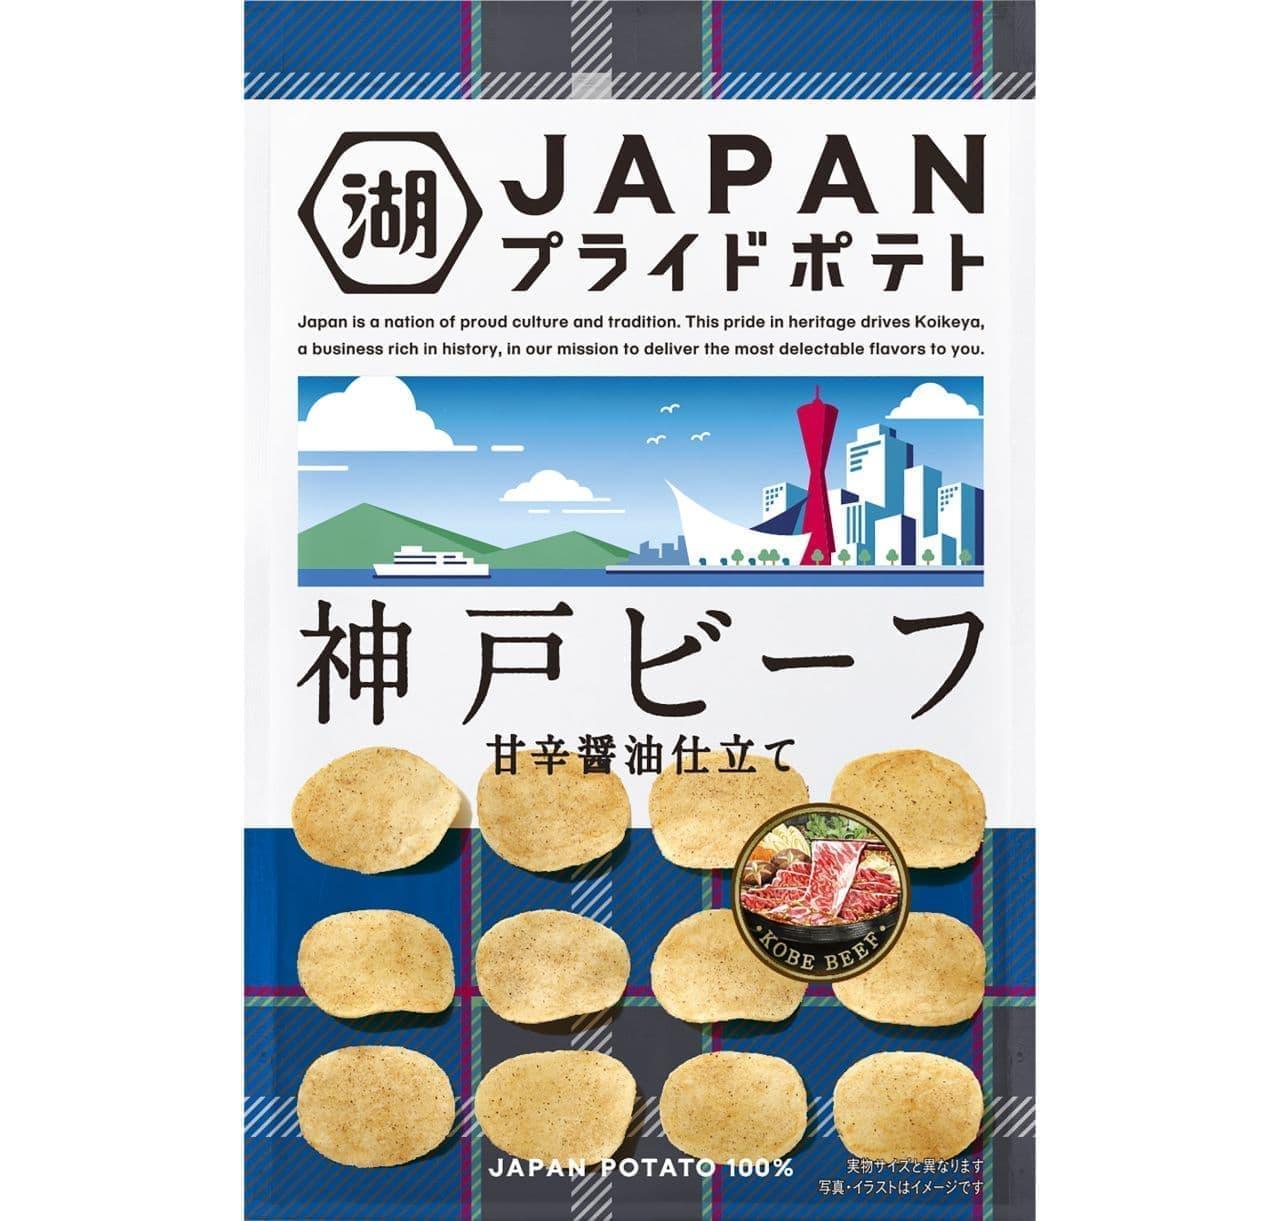 湖池屋「JAPANプライドポテト 神戸ビーフ」